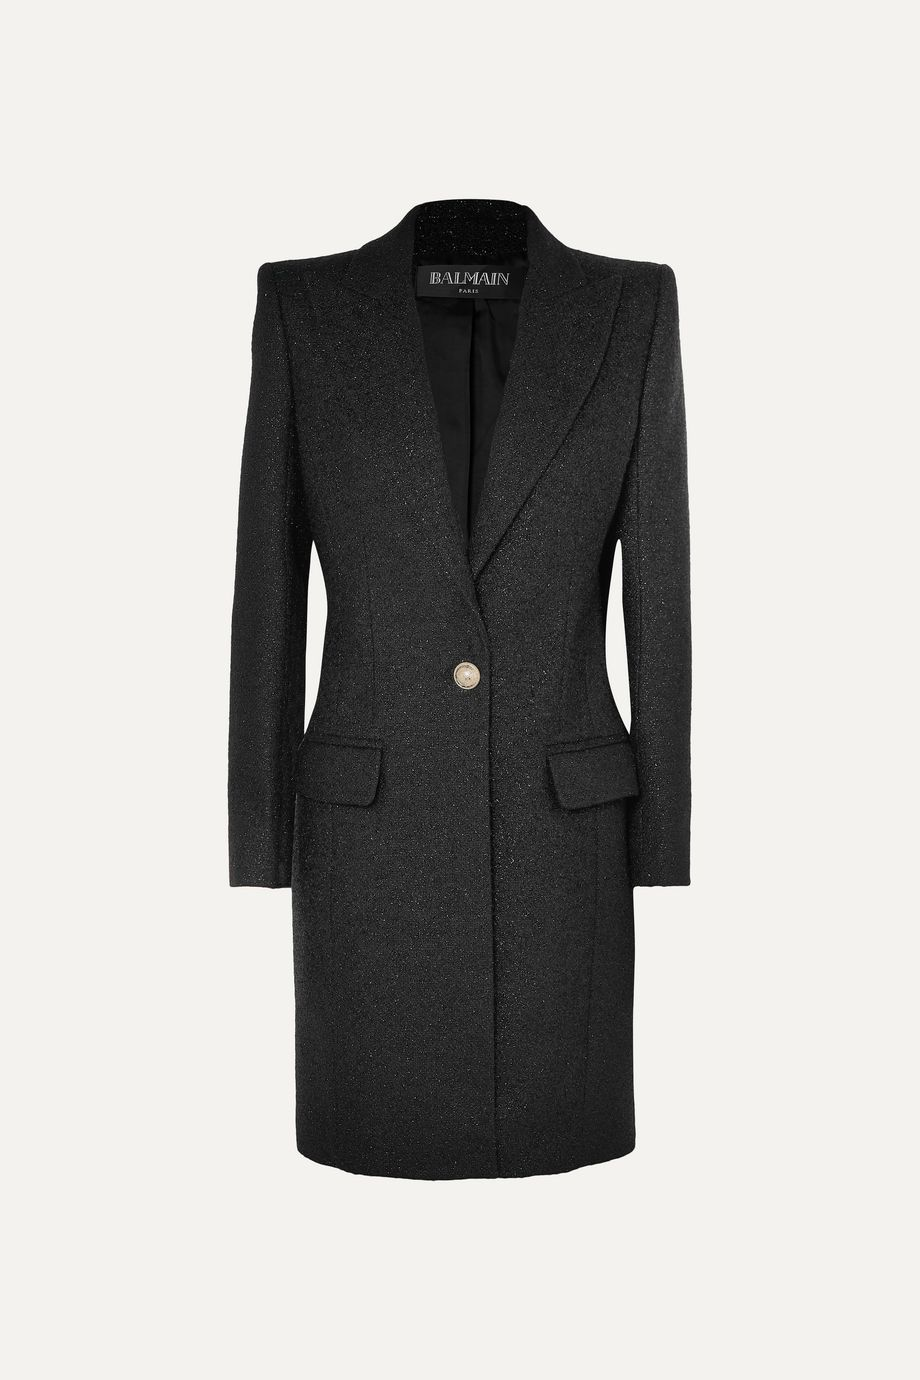 Balmain Manteau en laine mélangée métallisée à boutons